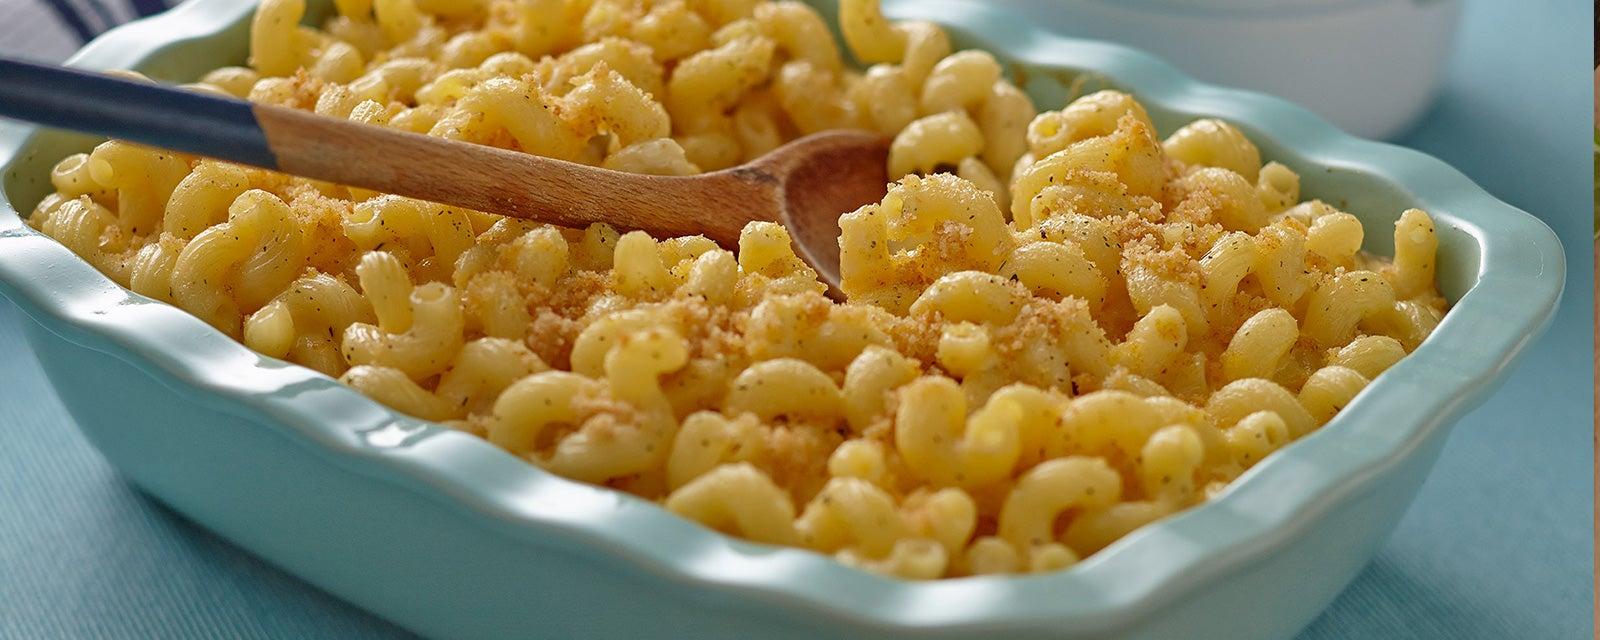 hvr_ranch_mac_n_cheese-_af